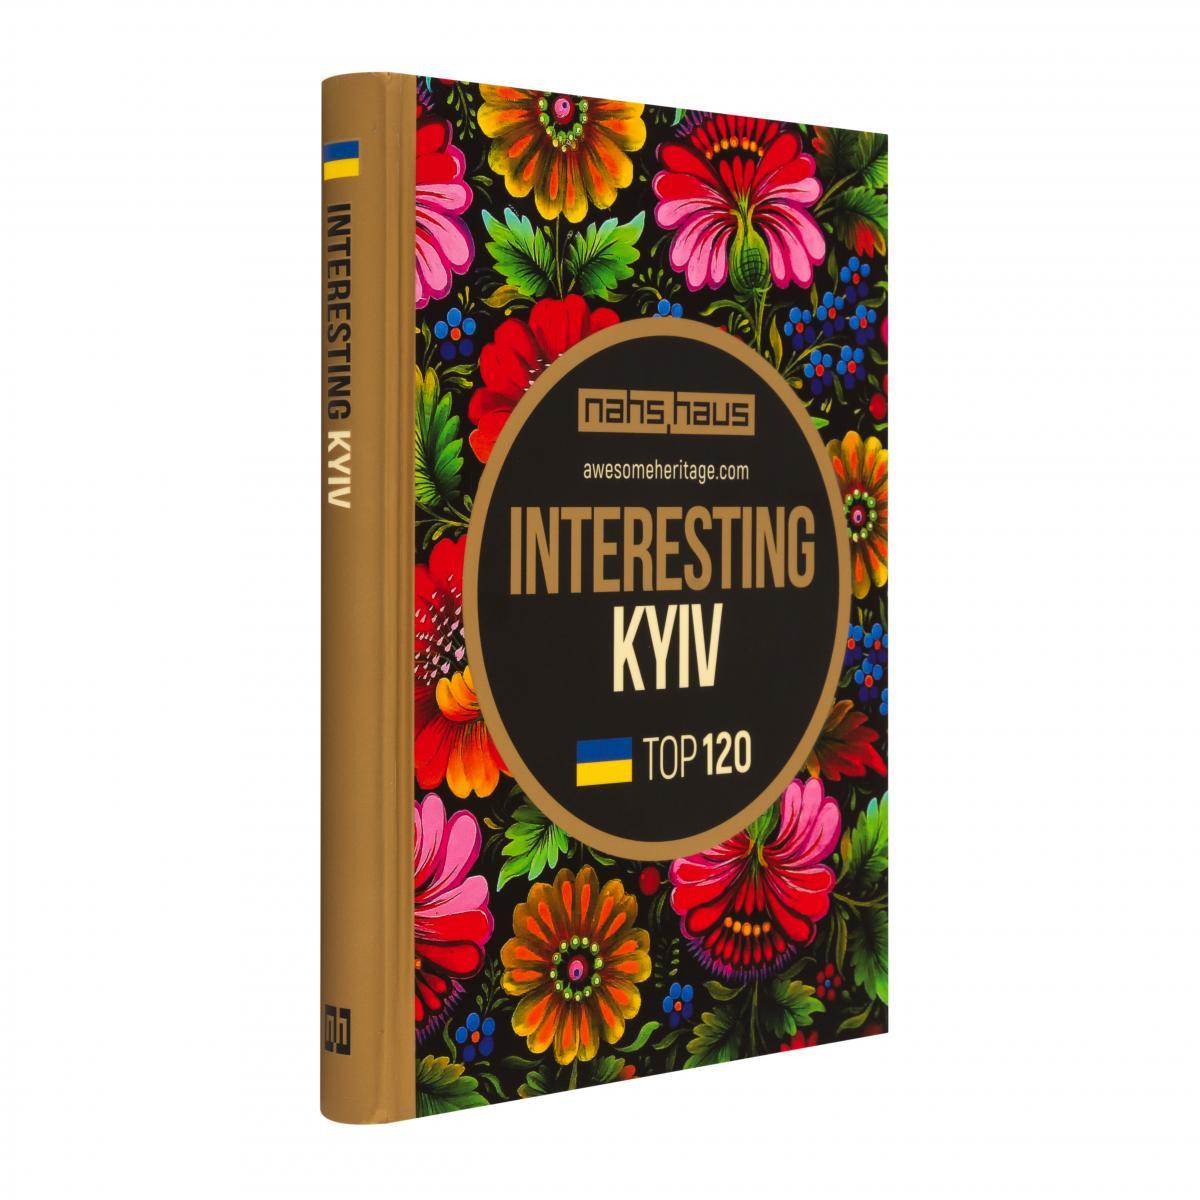 Книга Interesting Kyiv. Фото №2. | Народний дім Україна